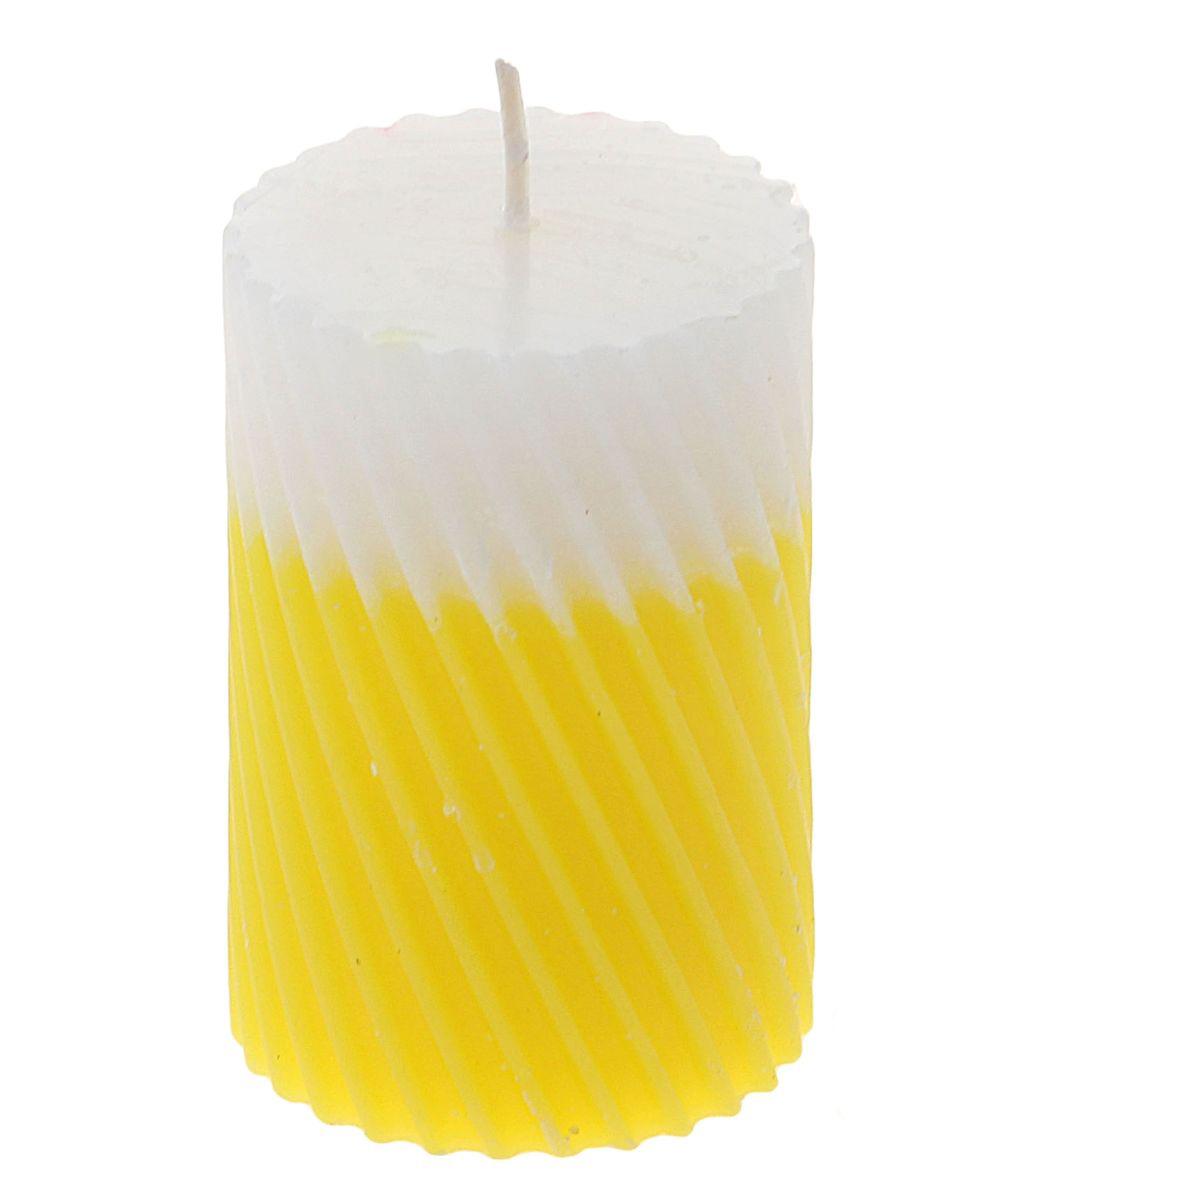 Свеча ароматизированная Sima-land Манго, высота 7,5 см. 849532 свеча ароматизированная sima land шиповник высота 7 5 см 907667